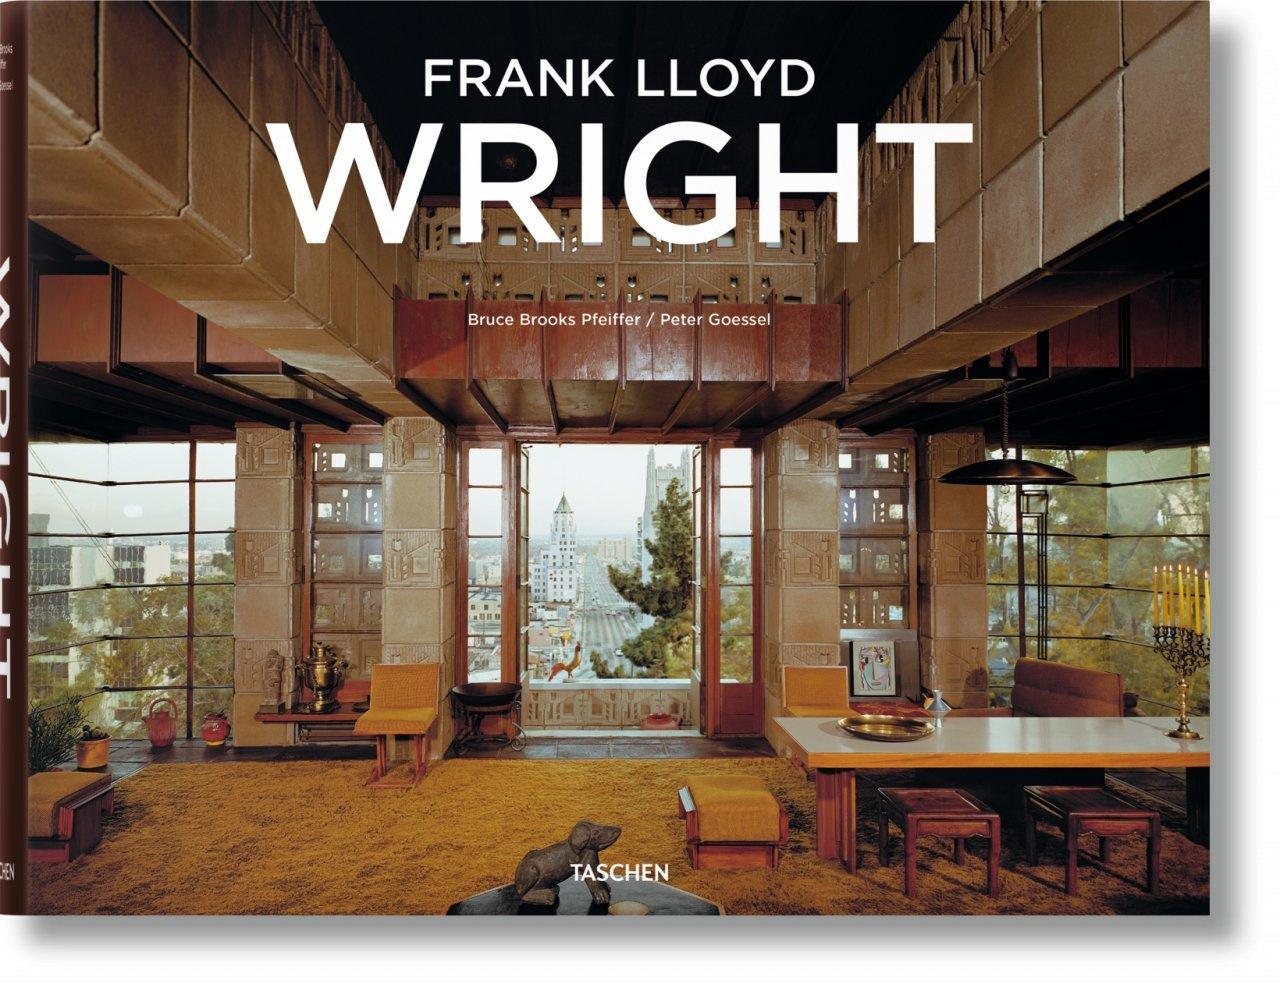 FRANK LLOYD WRIGHT - FP